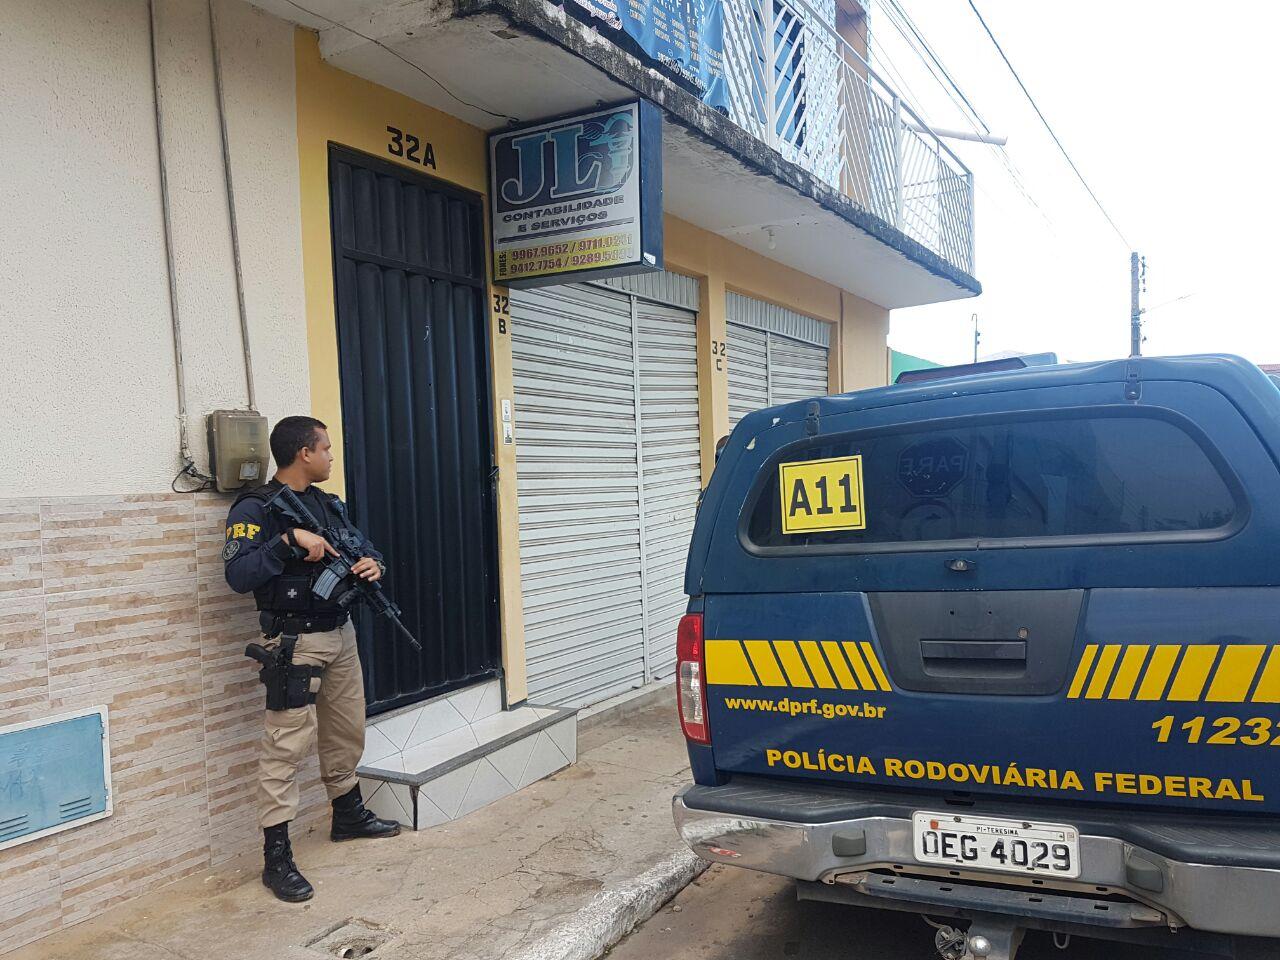 Operação Escamoteamento - PRF desarticula grupo que desviou recursos de município piauiense